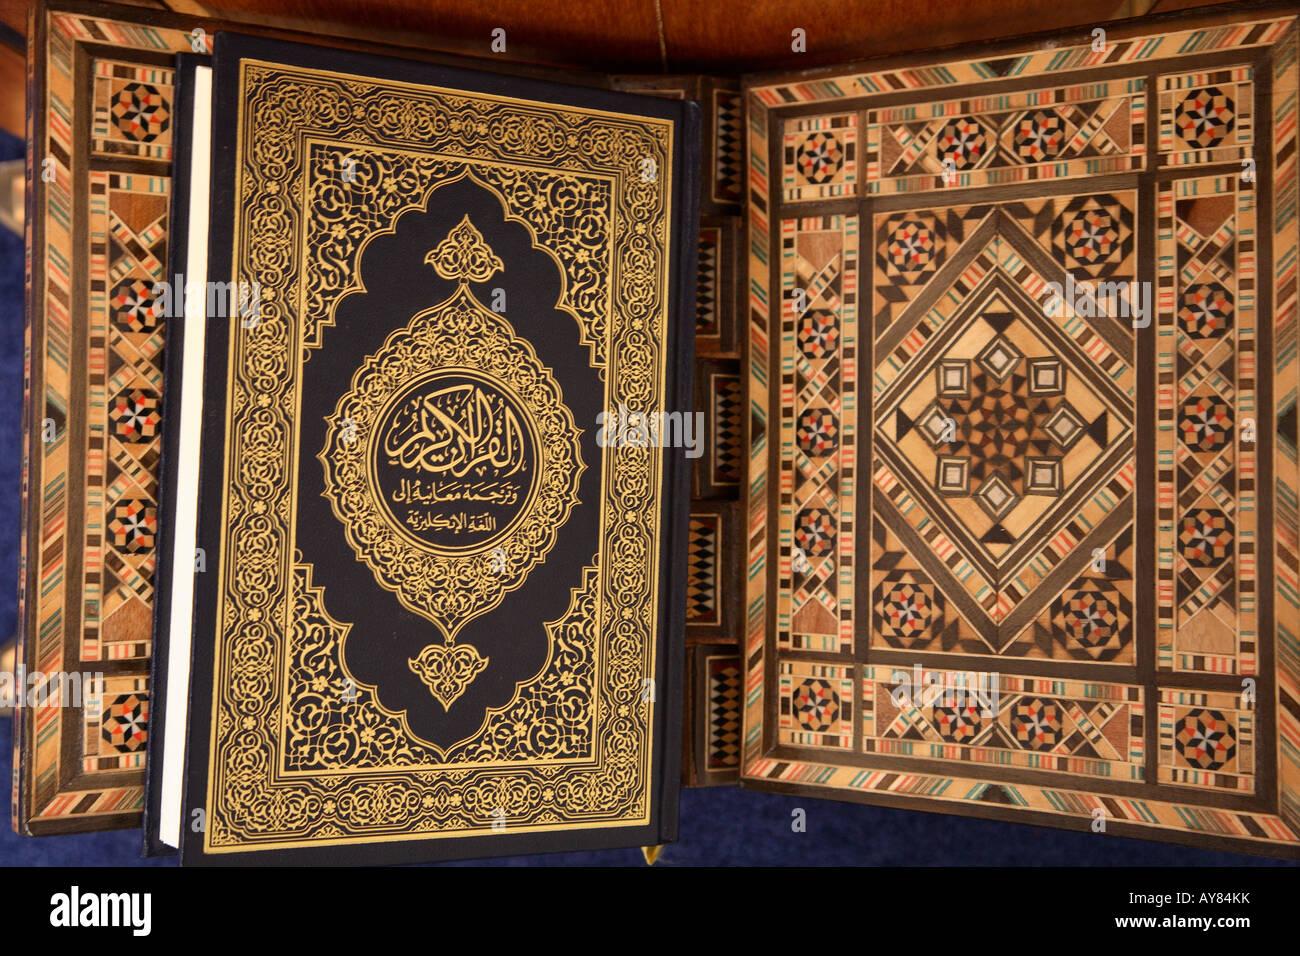 Bahrain Manama Beit al Quran Museum Quran - Stock Image